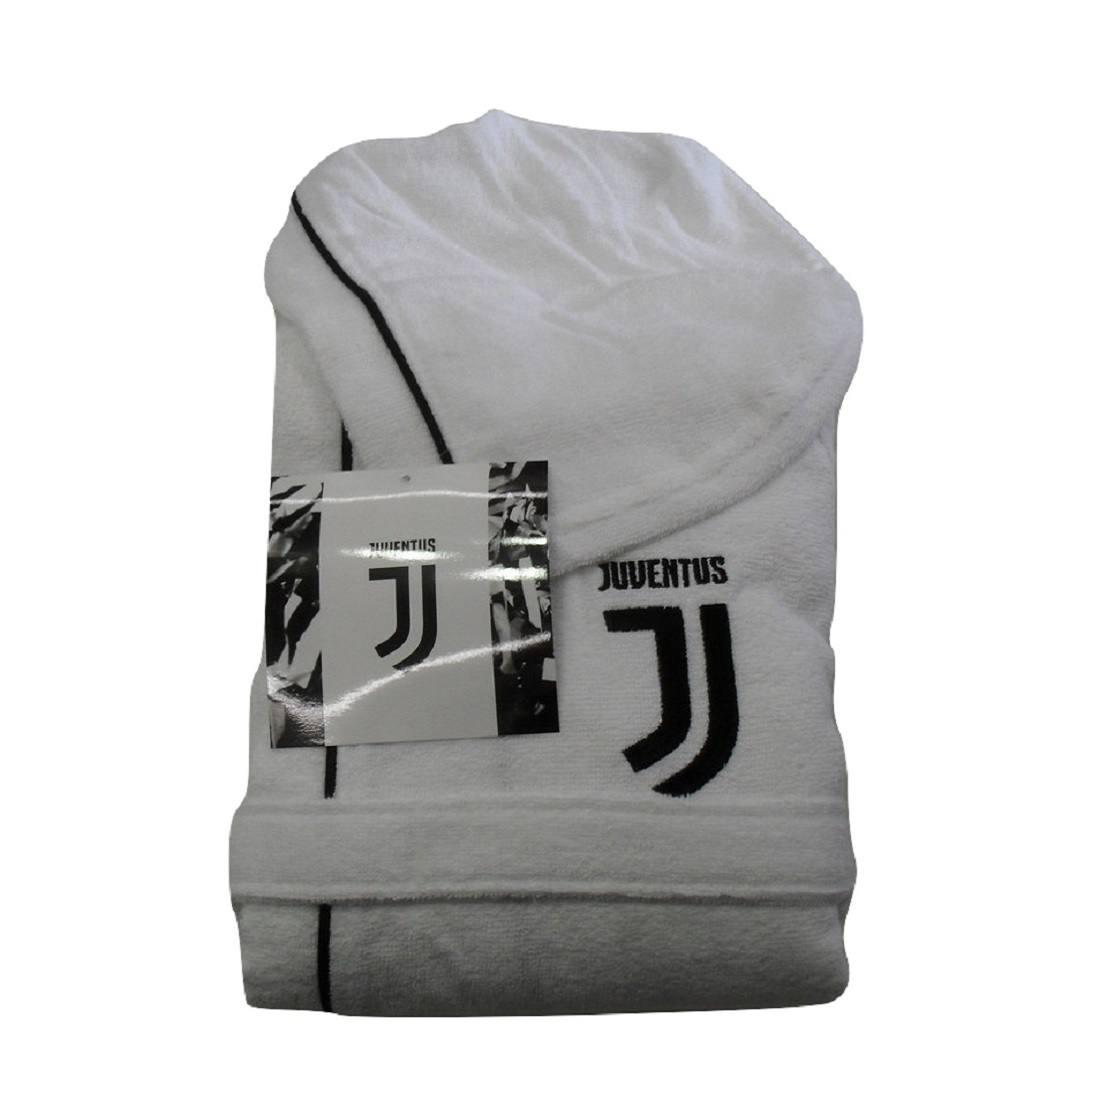 Accappatoio Juve Juventus Per Bambino Ragazzo In Microspugna Prodotto Ufficiale